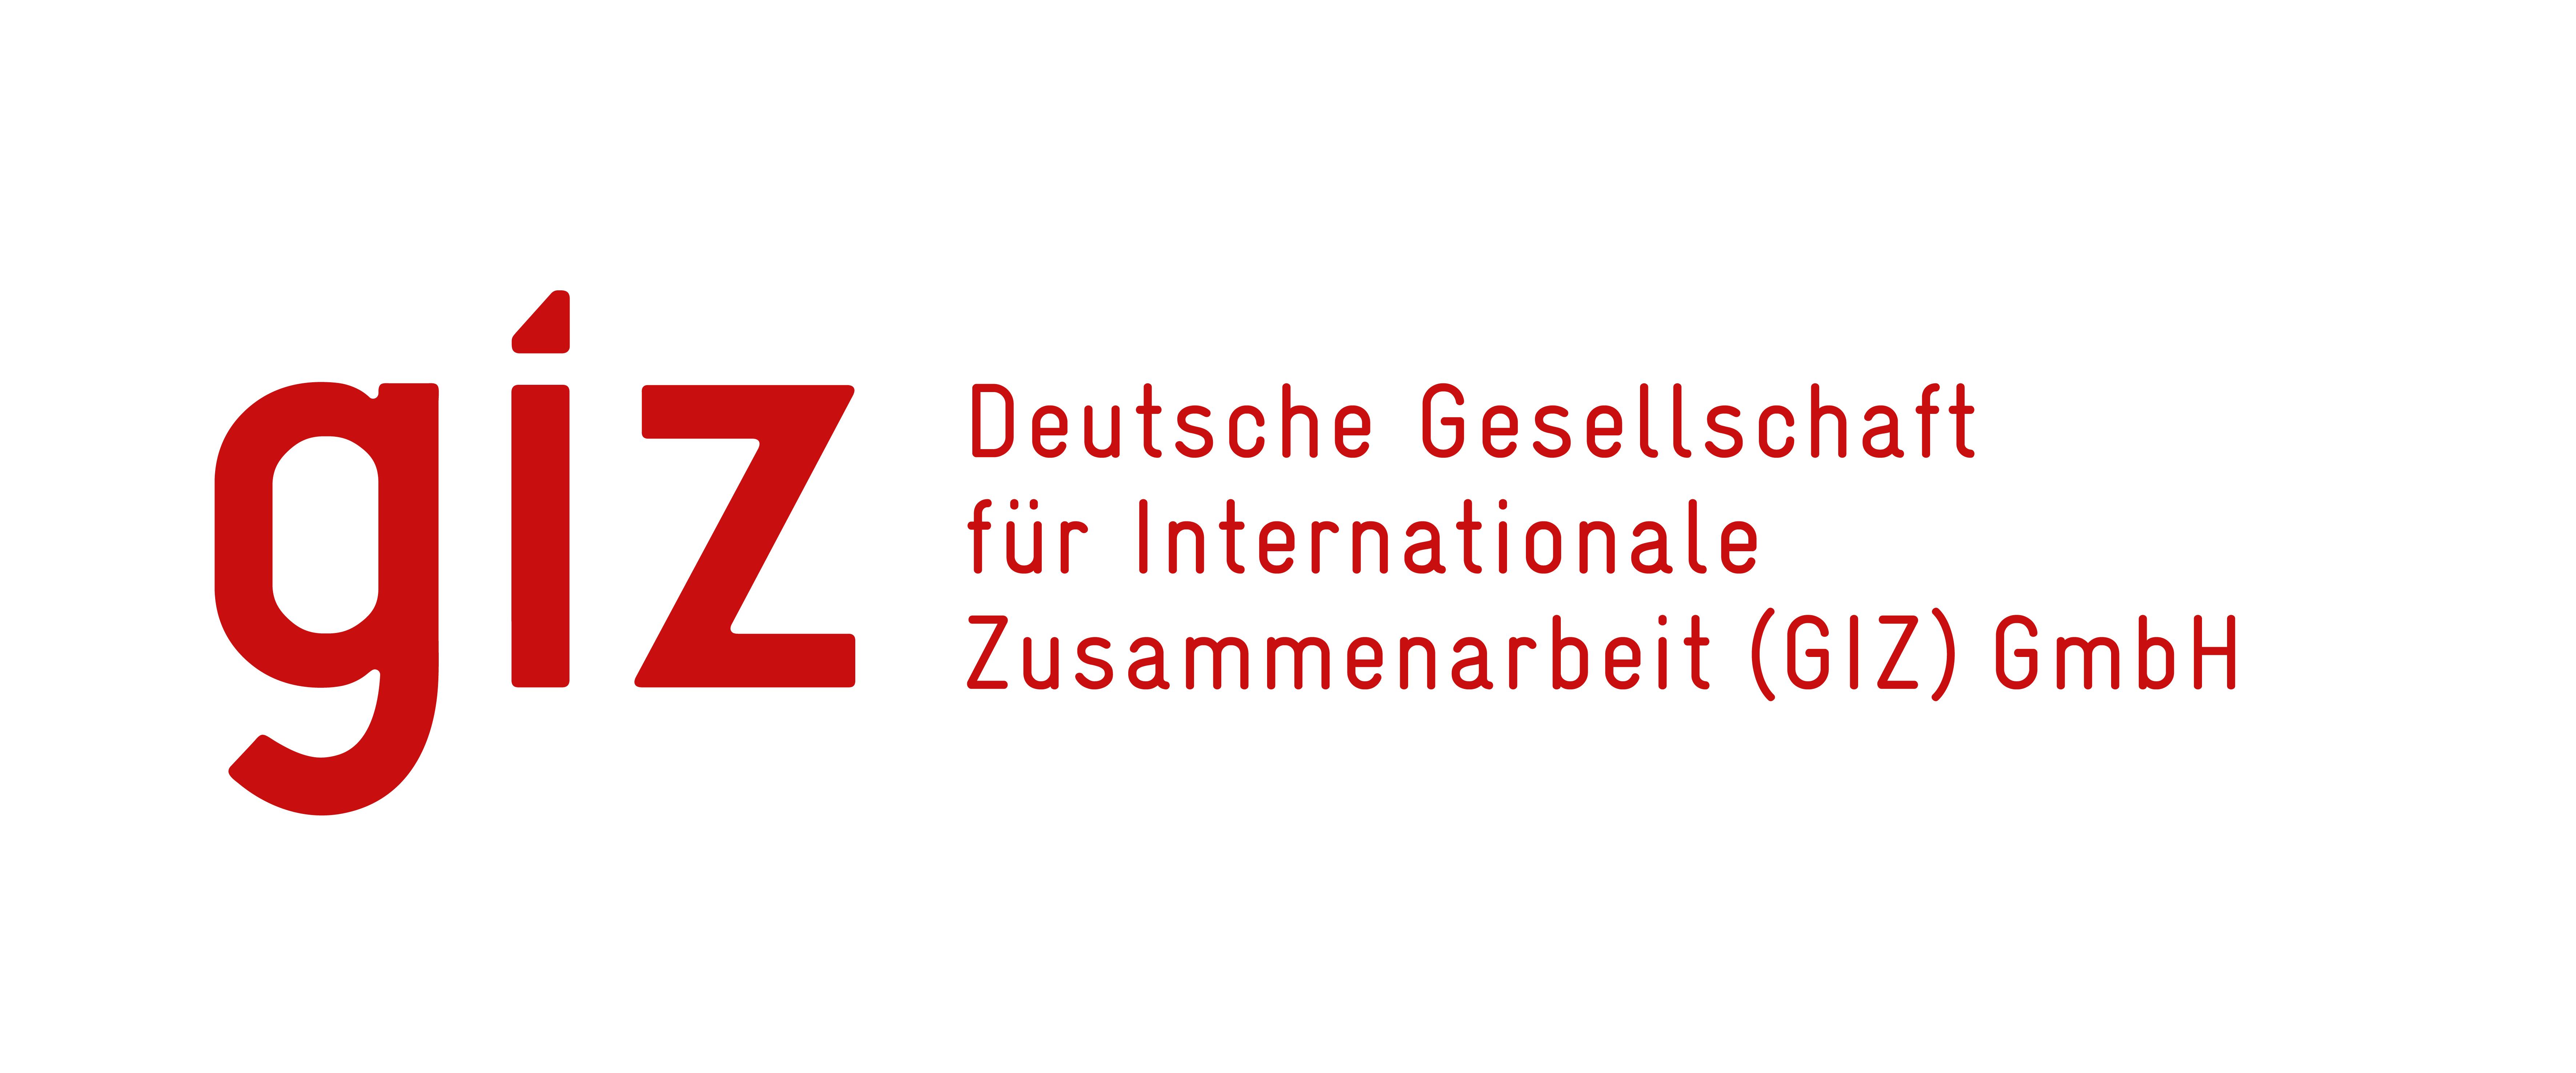 Deutsche Gesellschaft Fuer Internationale Zusammenarbeit (GIZ) GmbH